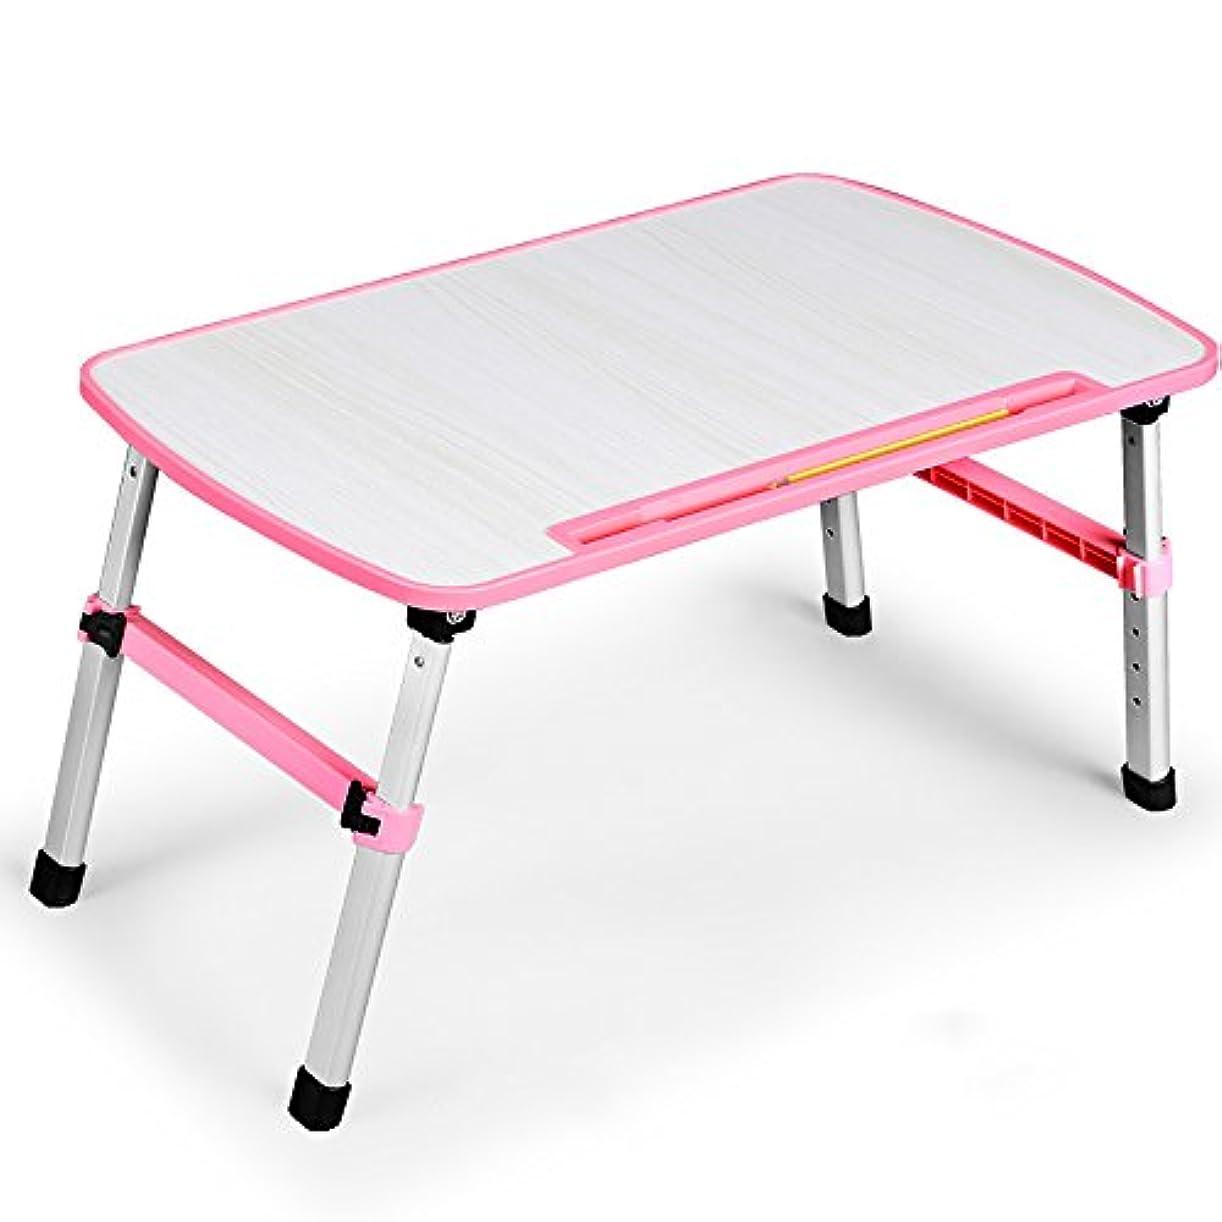 矩形熟読爆発物LJHA zhuozi 折り畳み式コンピュータデスク/高さ調節可能/折り畳み式ブックデスク/多目的怠惰な人テーブル (色 : Pink, サイズ さいず : 520*300*240/315MM)